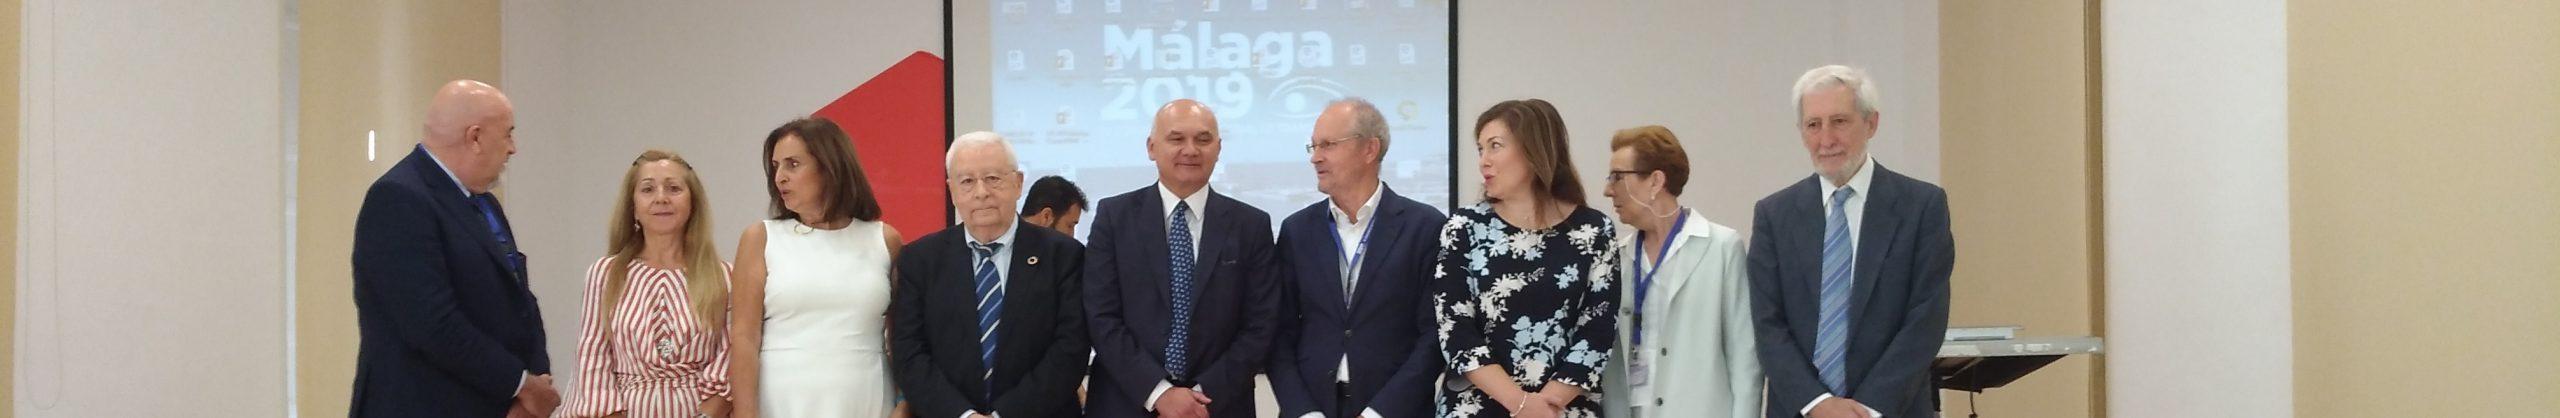 Málaga Declaración 2019